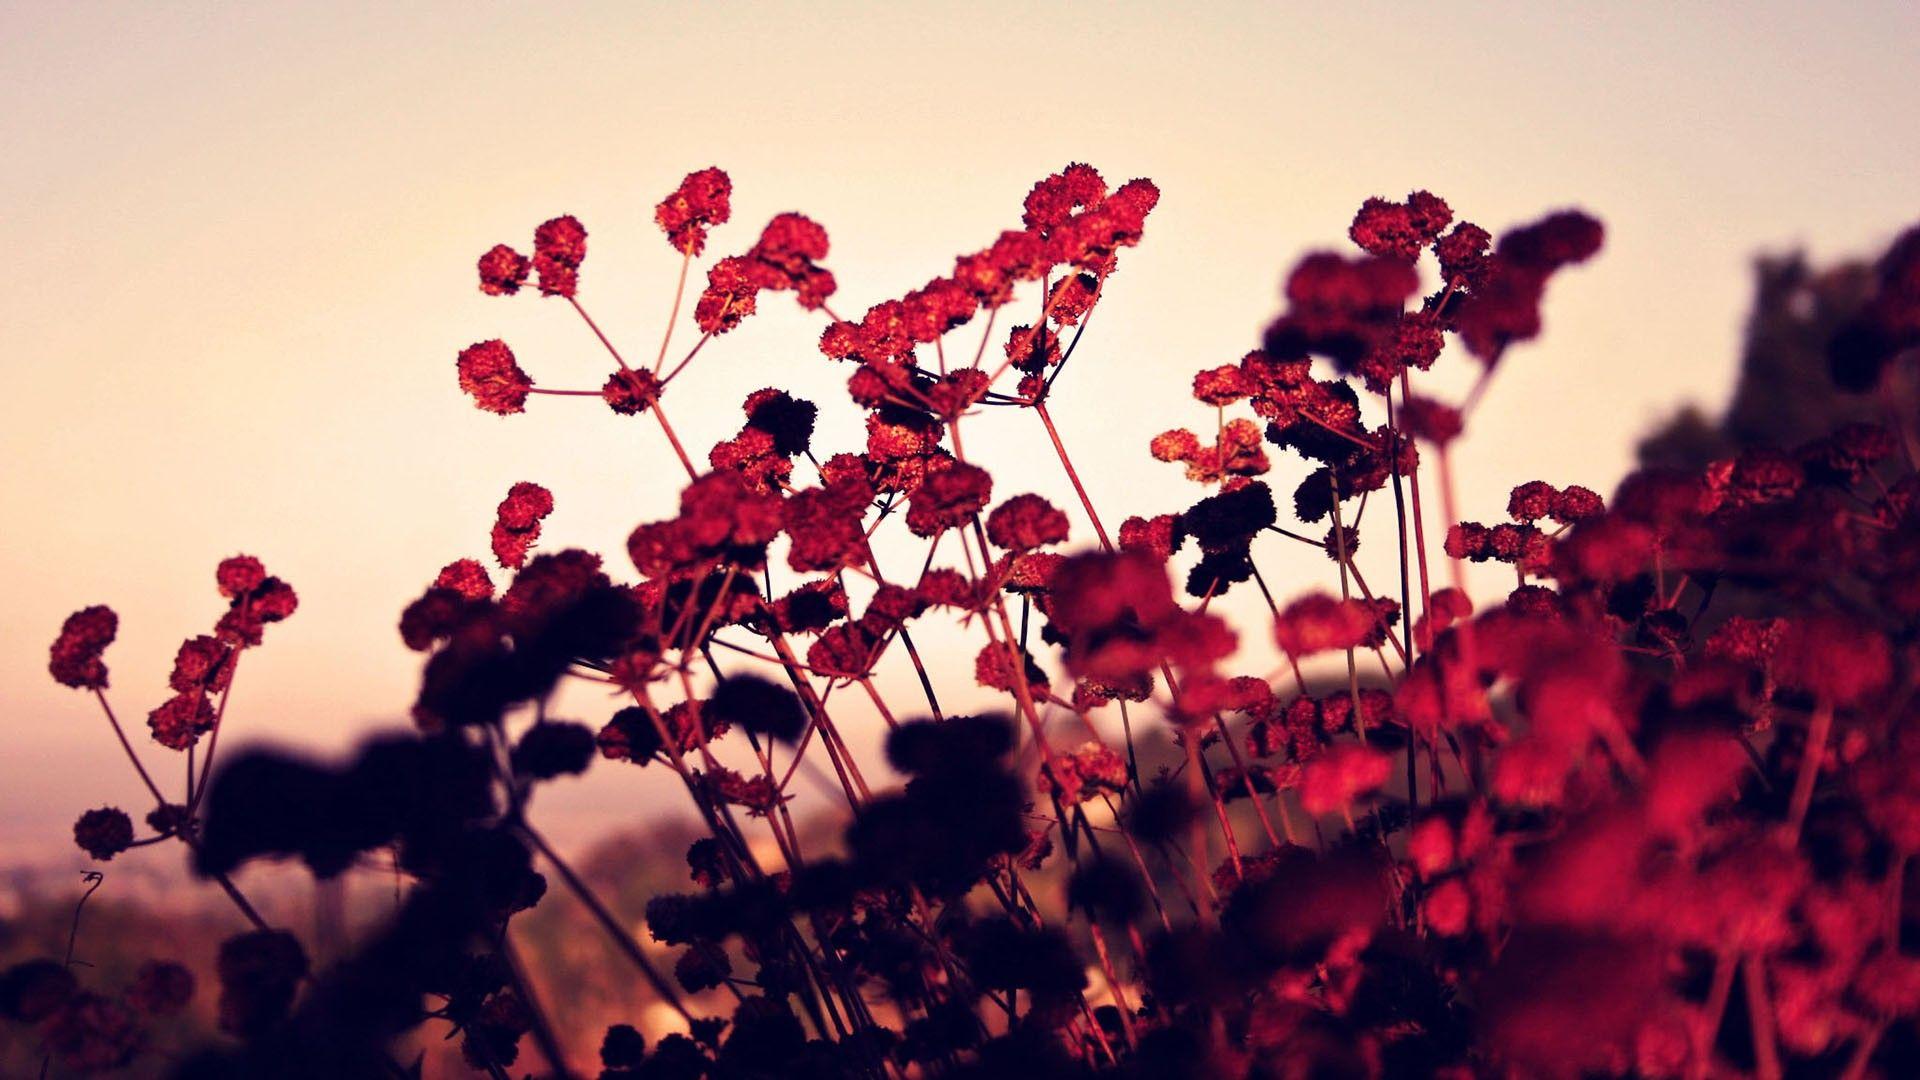 Fondos De Pantalla Hd Flores: Fondos De Escritorio Flores En Hd Gratis Para Poner En El